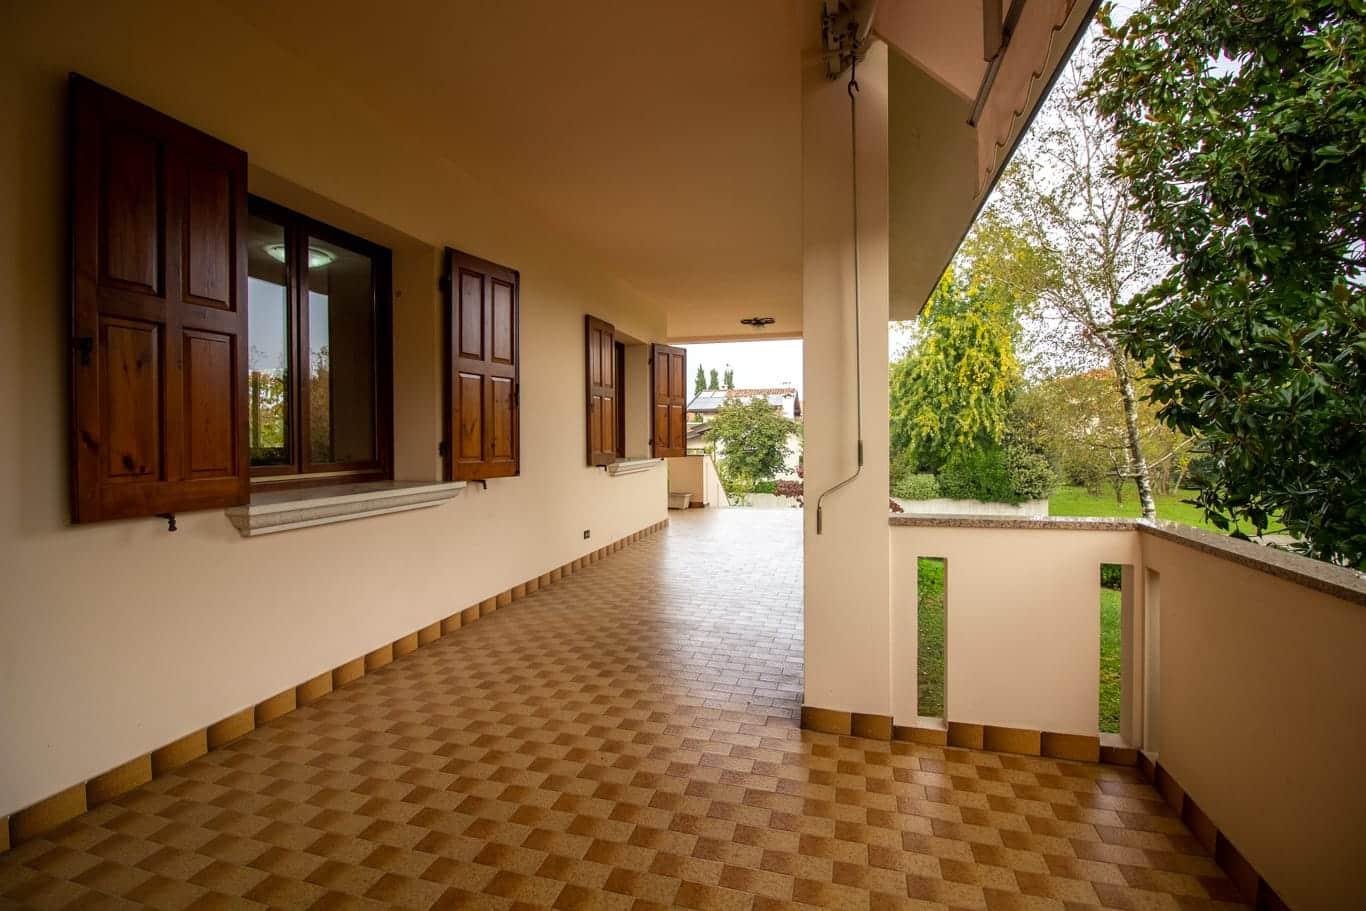 vendesi villa a sacile (8 of 8)